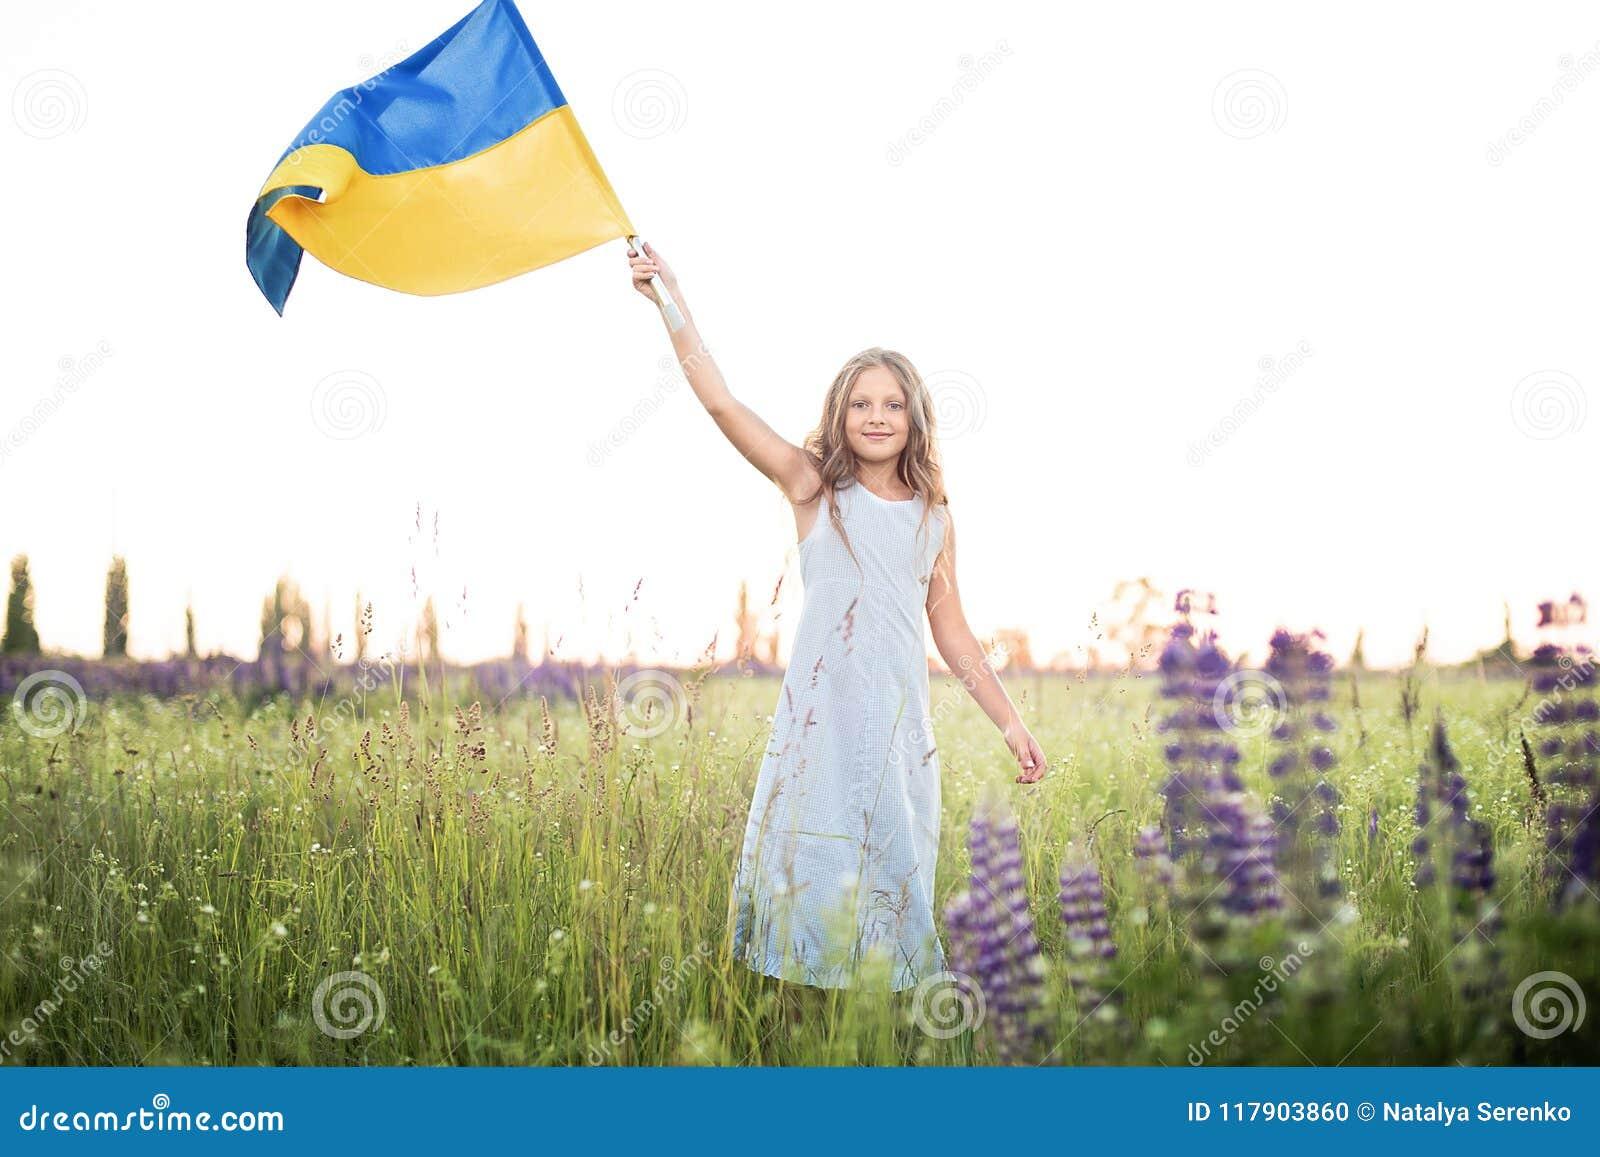 Kind trägt flatterndes Blau und gelbe Flagge von Ukraine auf dem Lupinegebiet Ukraine& x27; s-Unabhängigkeitstag Feierlicher Hint